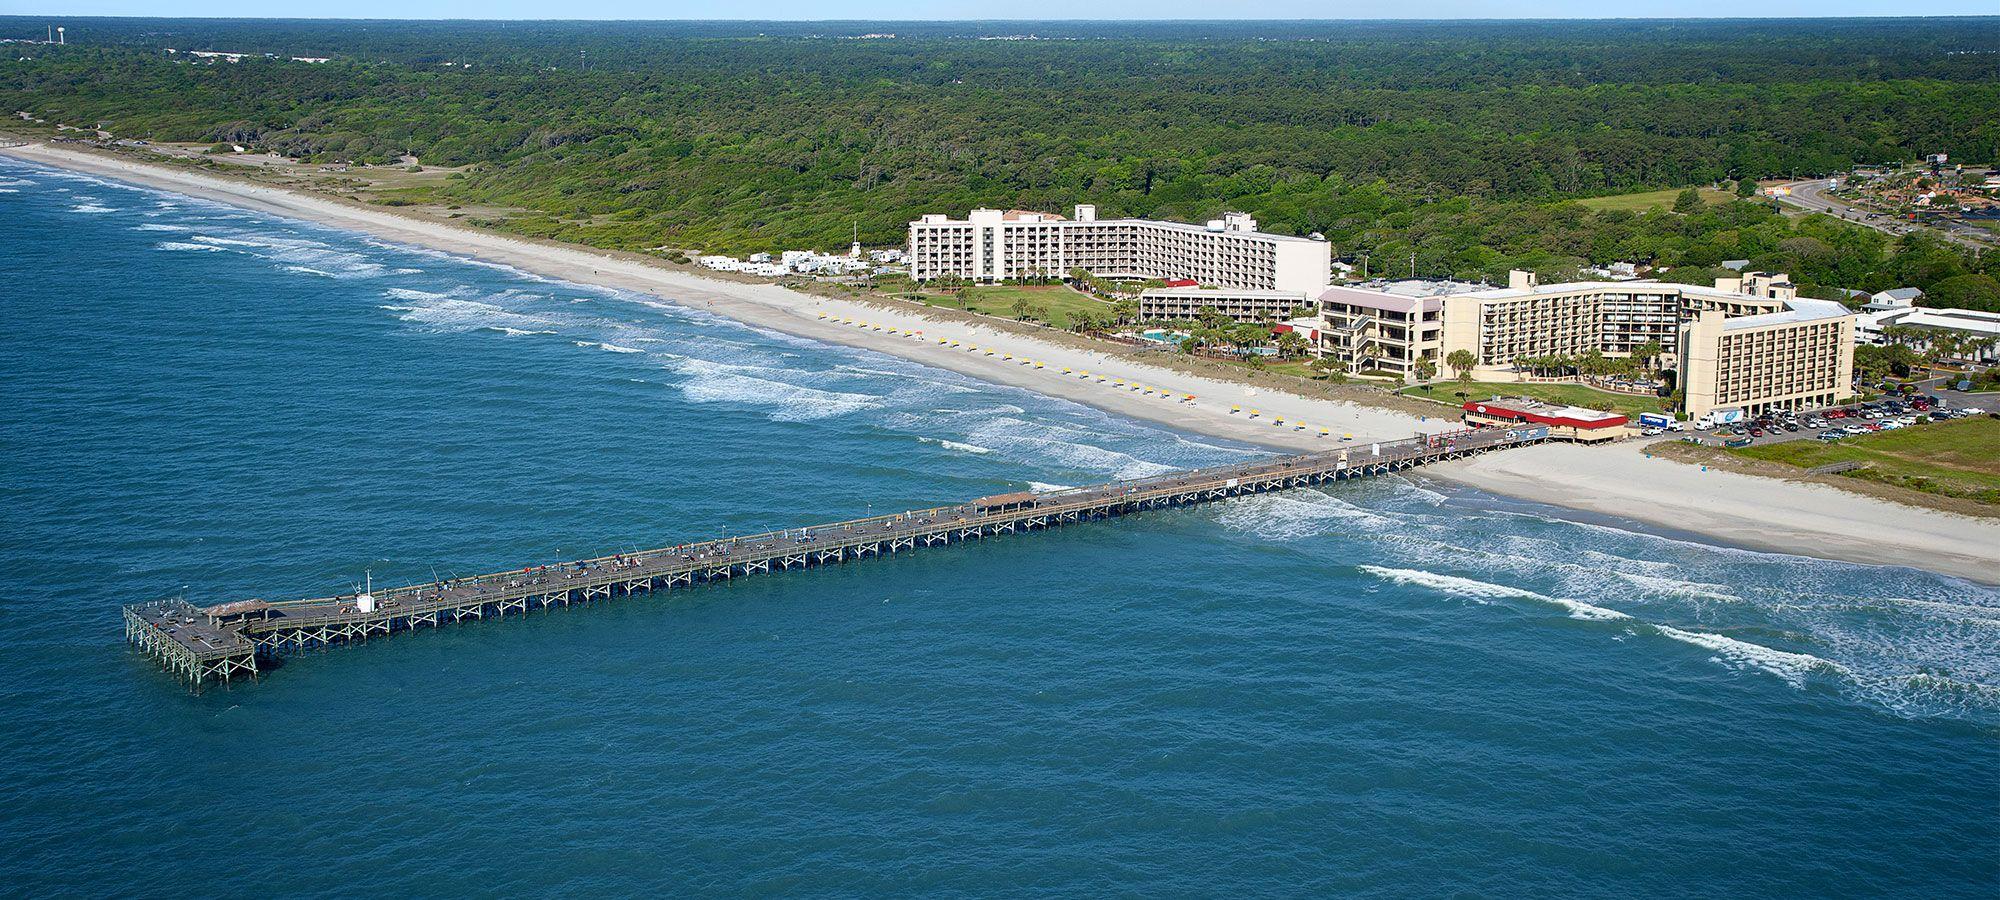 Myrtle Beach Resort Hotel On The